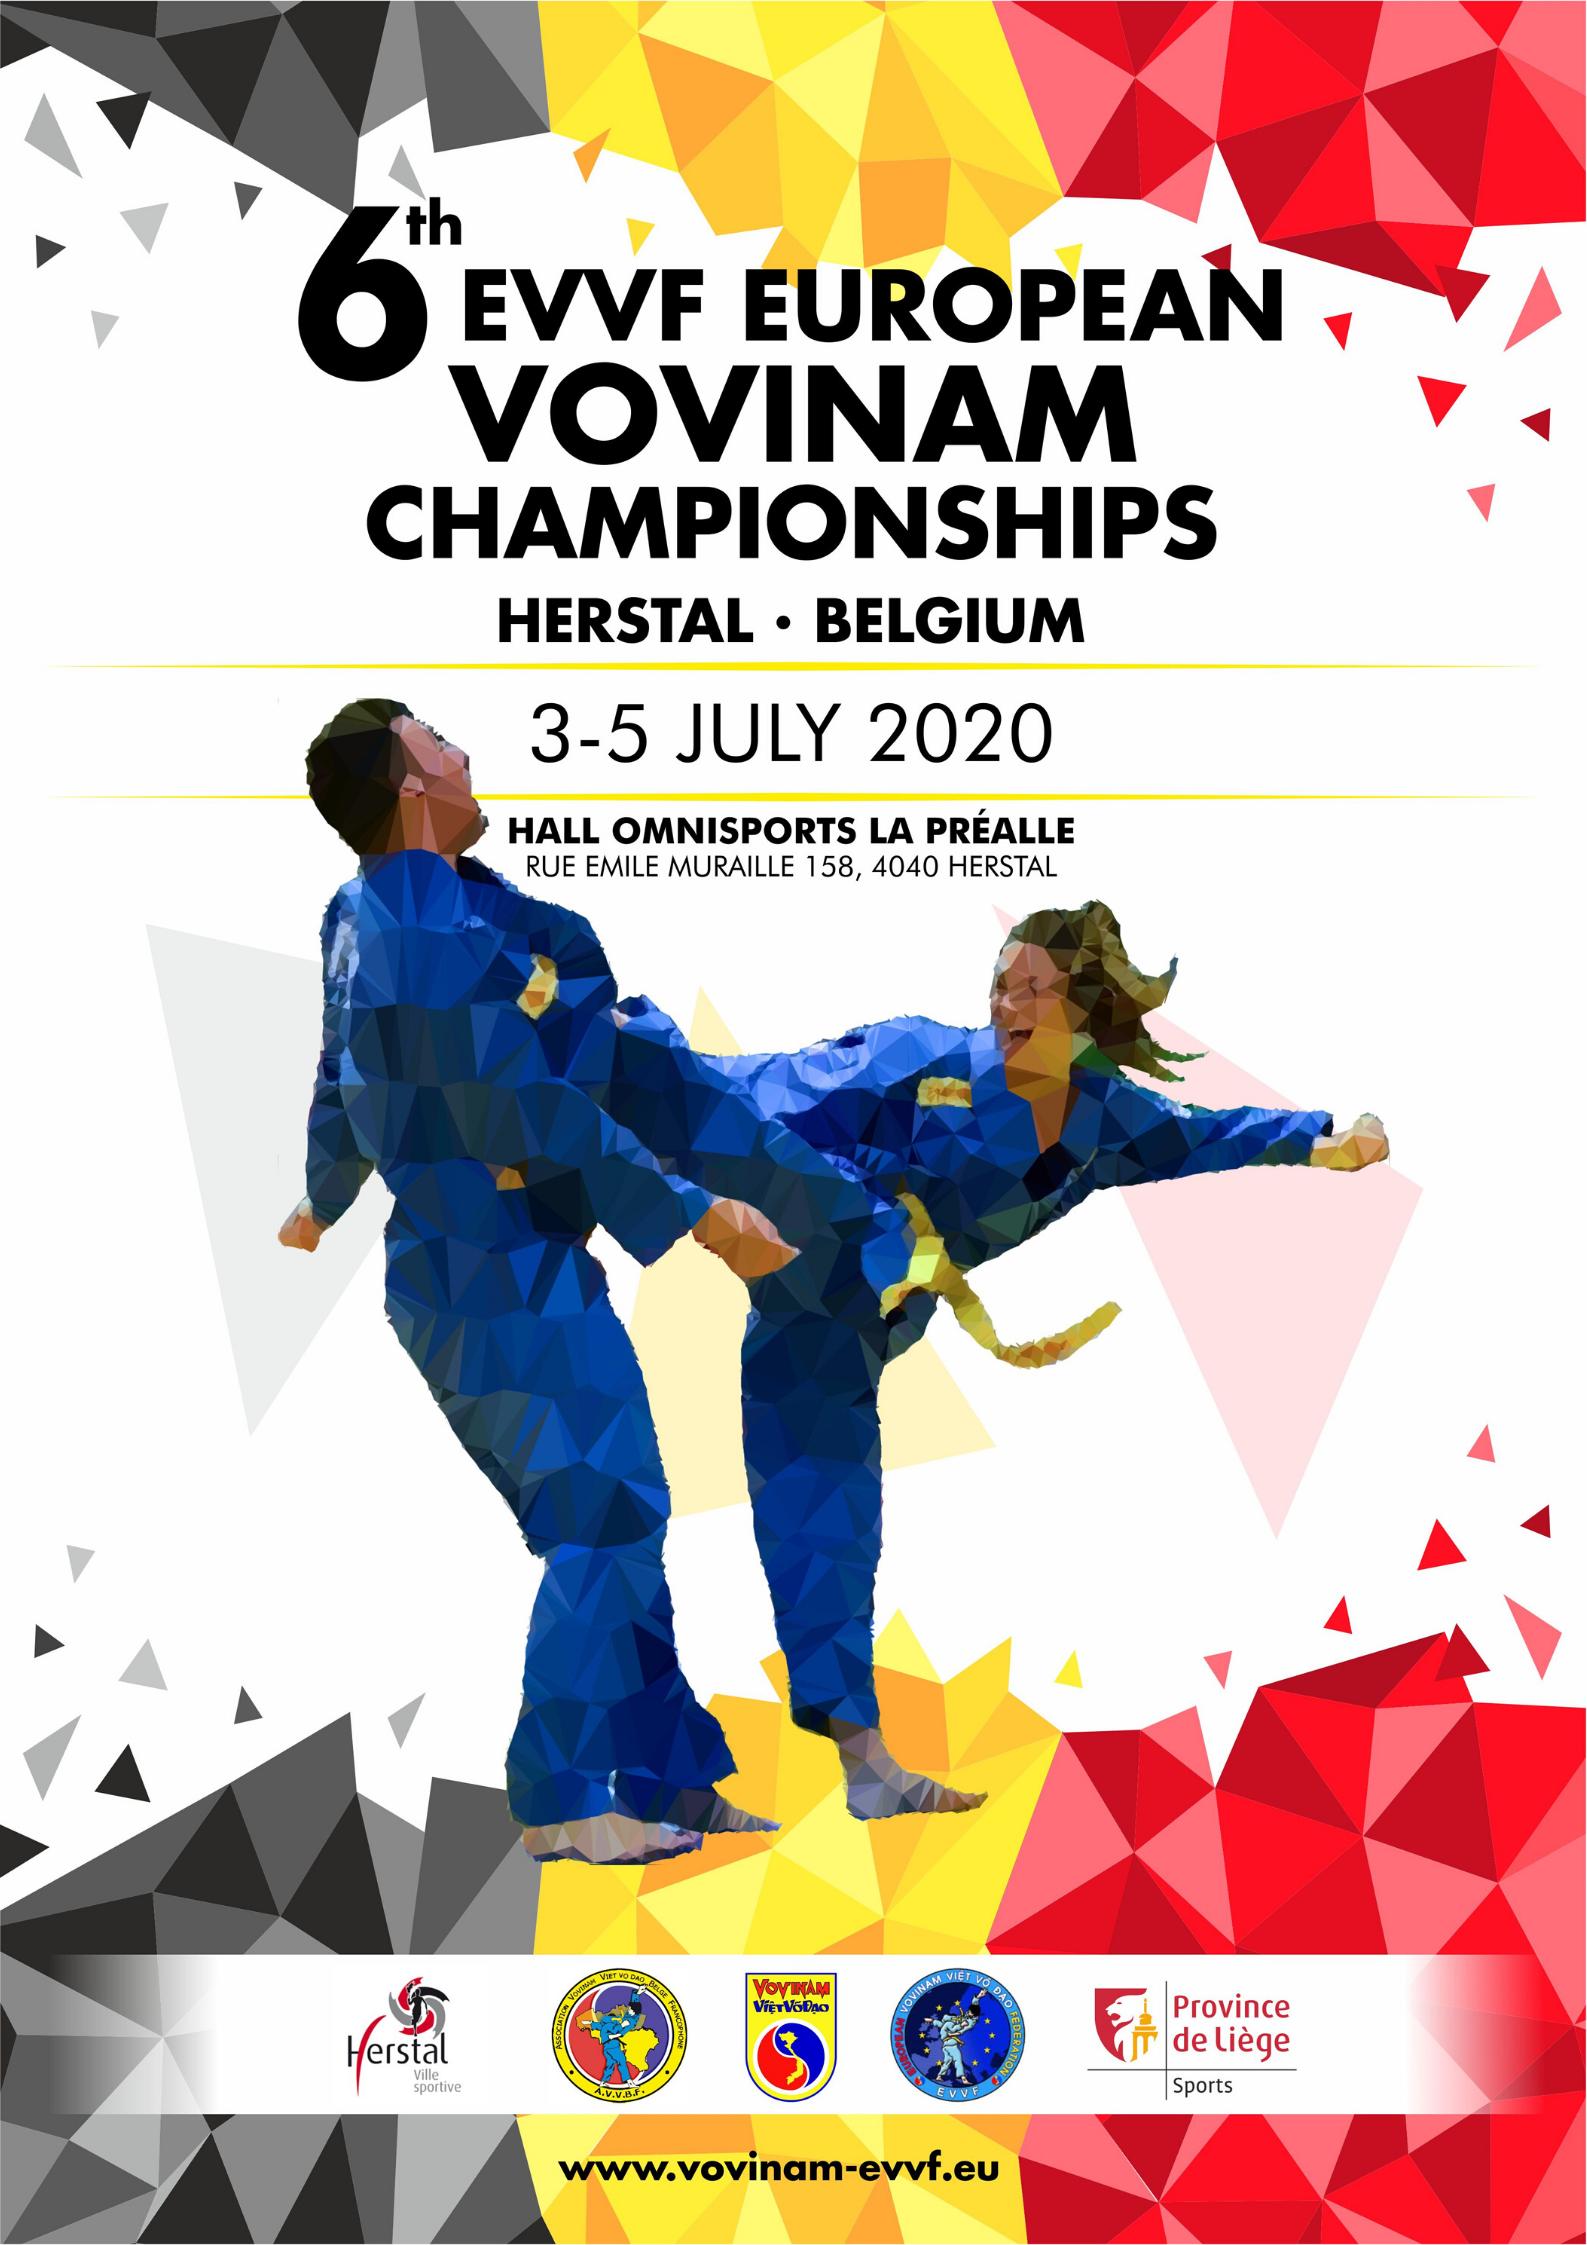 THE 6TH EVVF EUROPEAN VOVINAM CHAMPIONSHIPS